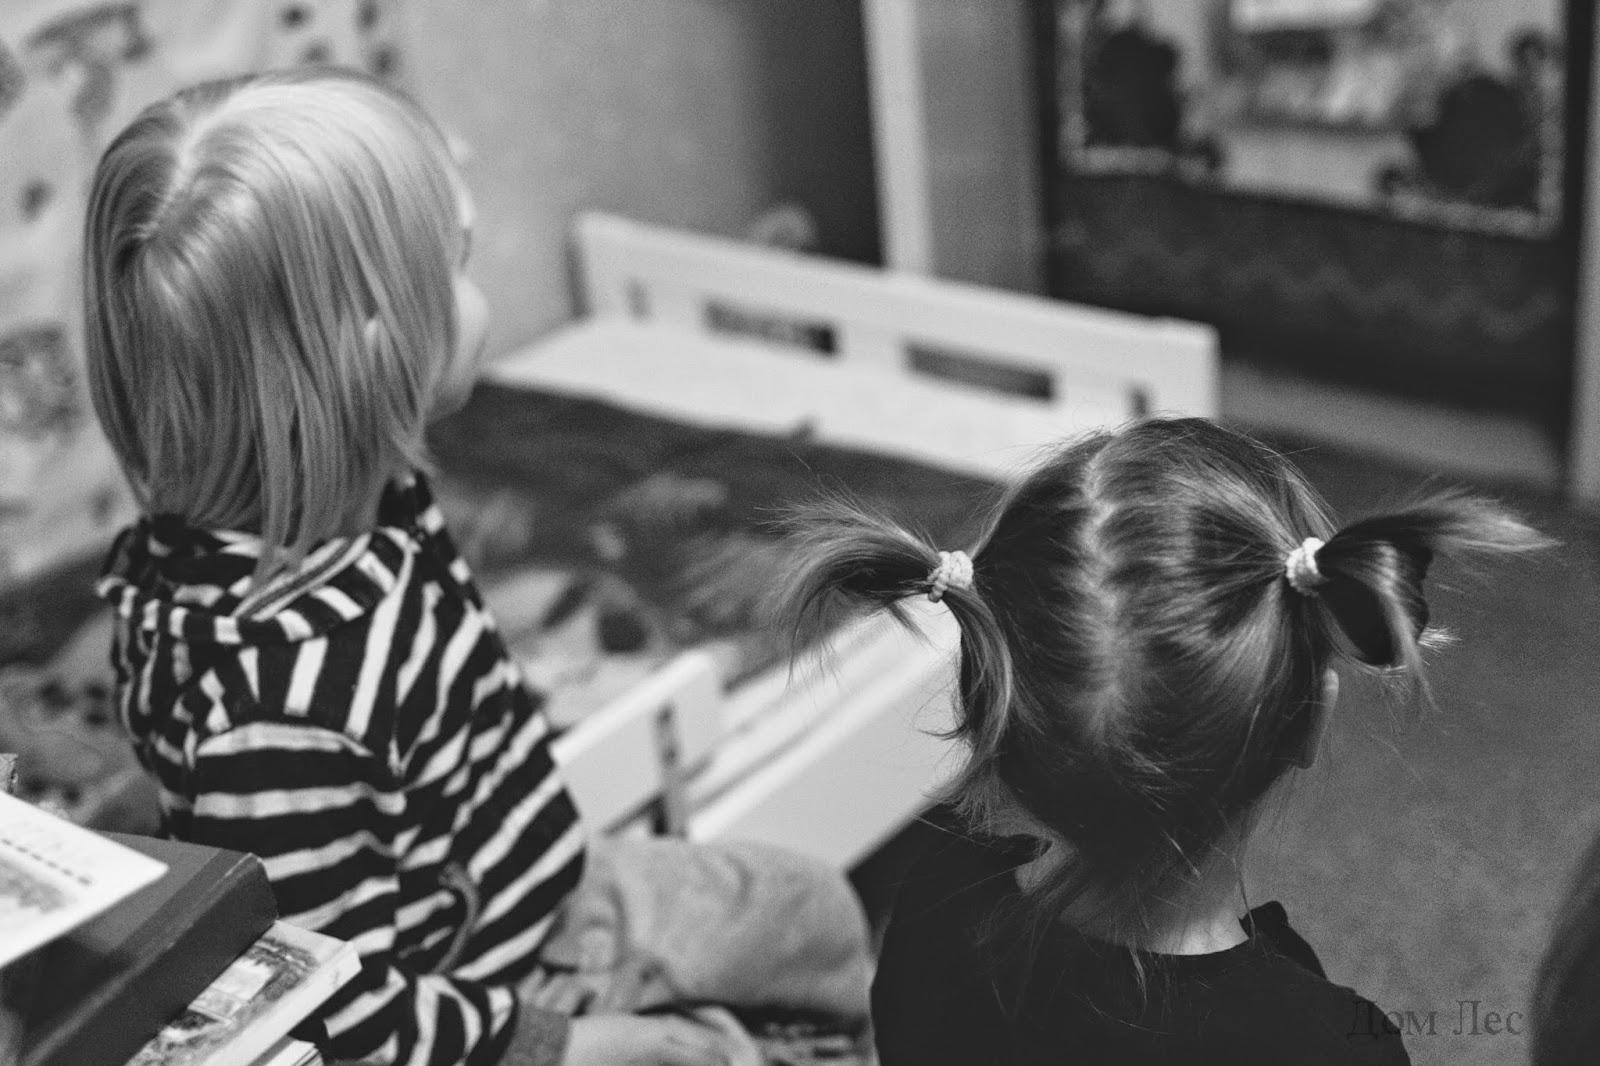 Рассказы как я переспала с сыном и какие мои ощущения 19 фотография